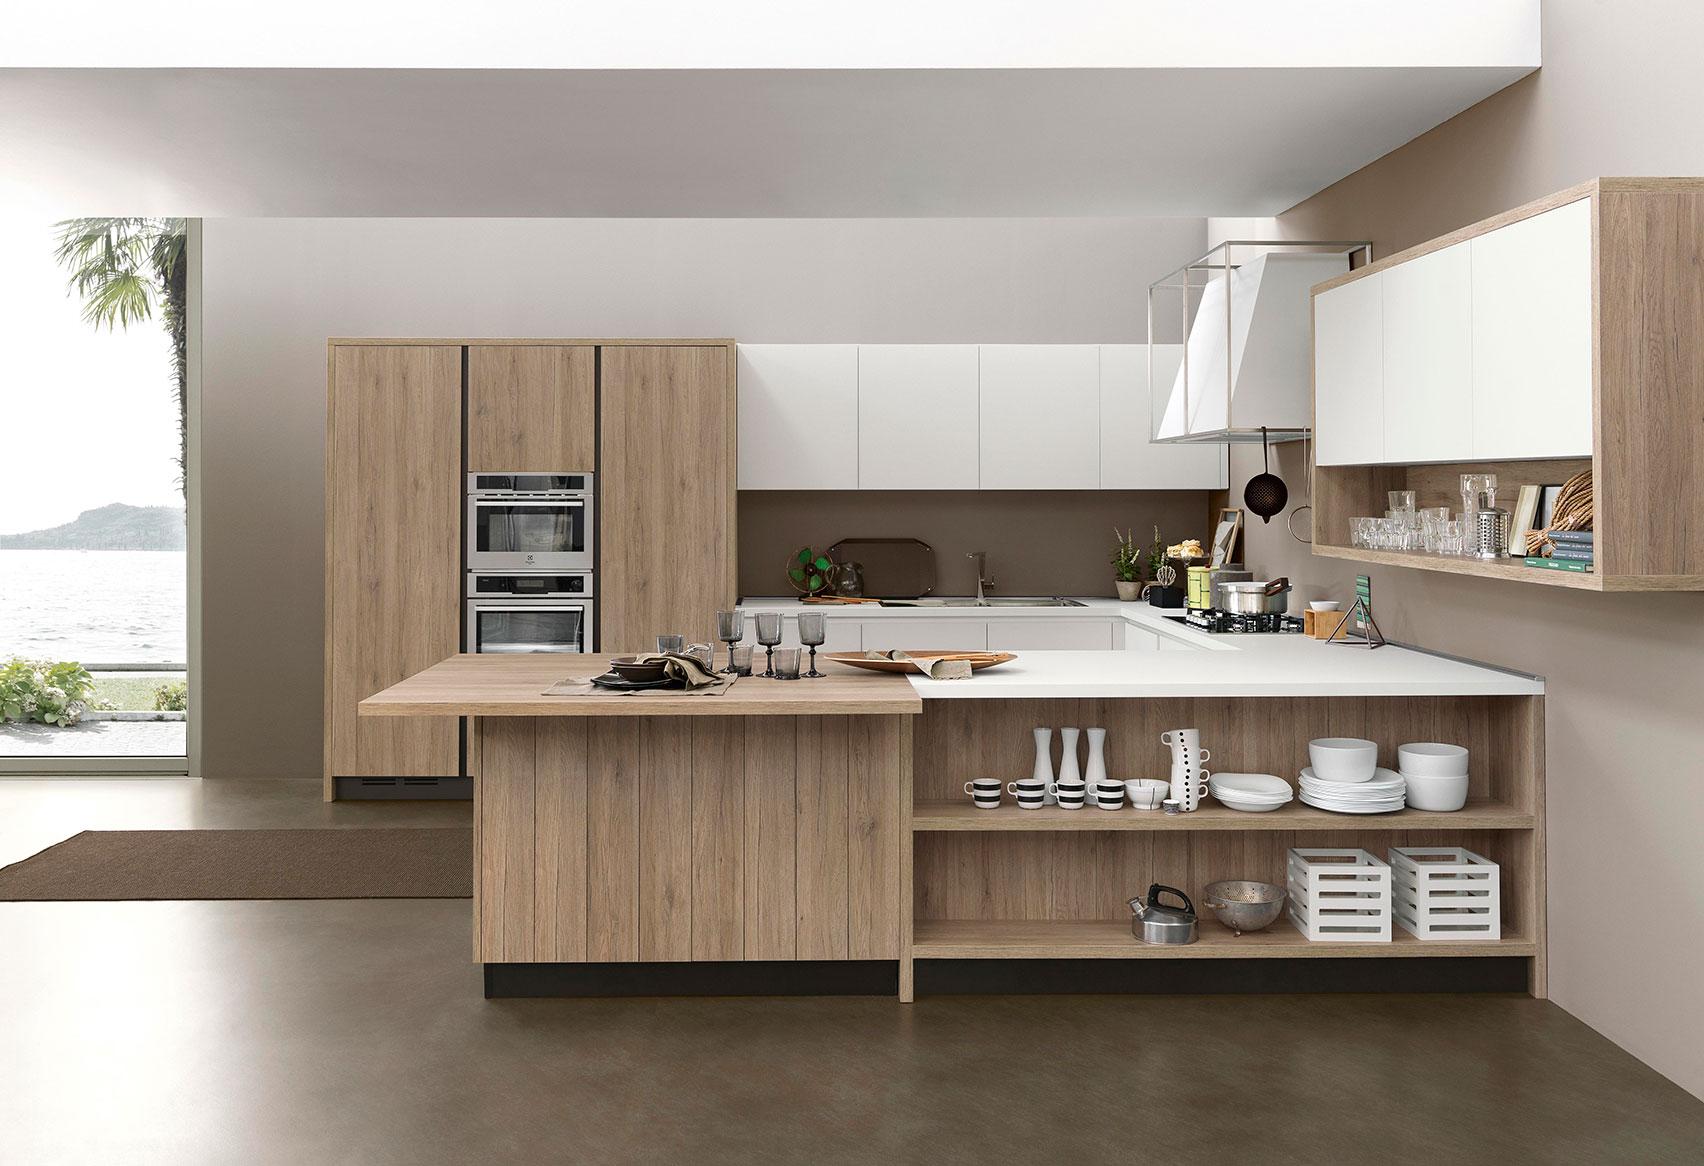 Decoracion de cocinas modernas en zaragoza blunni for Cocinas modernas apartamentos